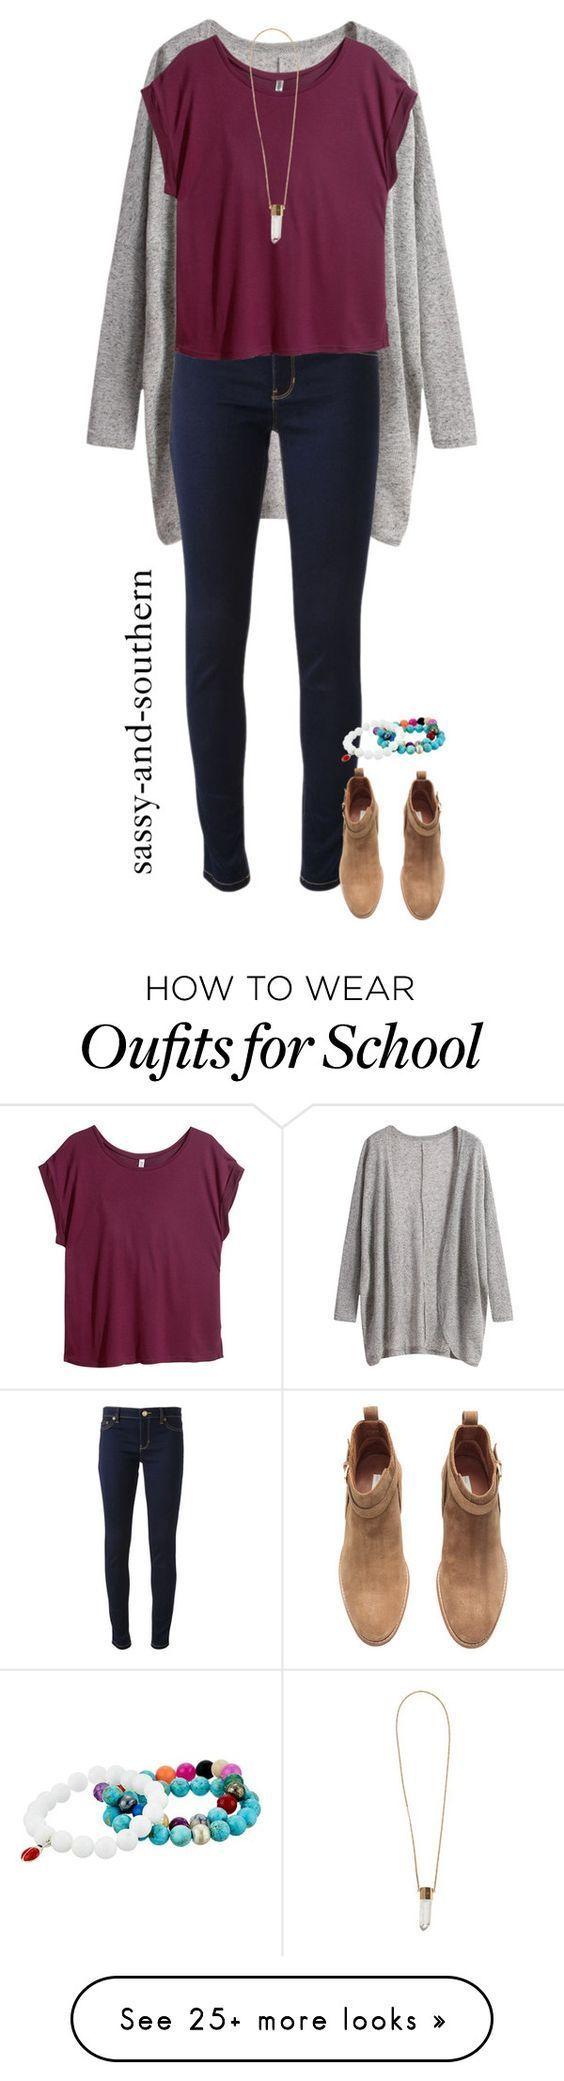 """""""Para el Otoño"""" La camisa morado, la suetera gris, los jeans, y los zapatos de tacón.  $93 / 106.02€ Clavado por: Srta. Gray"""